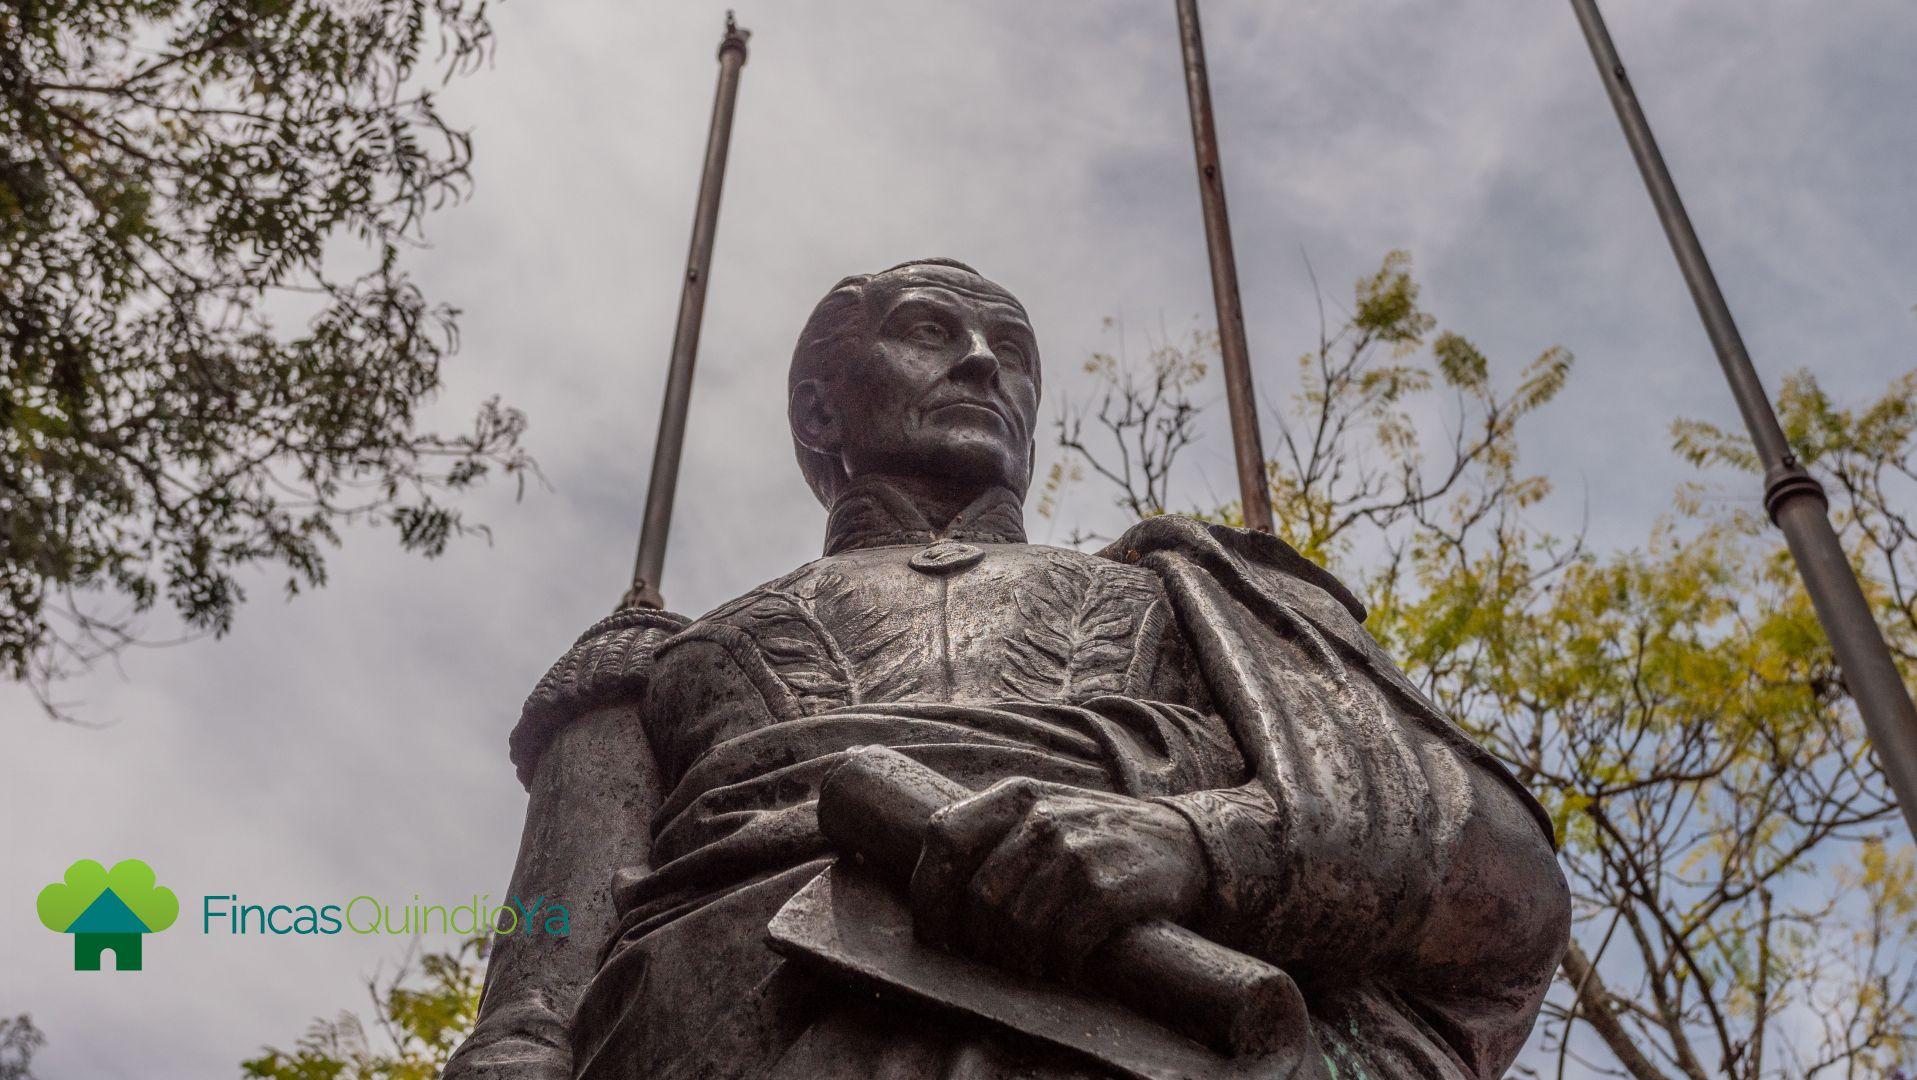 Foto a la estatua de Simón Bolivar